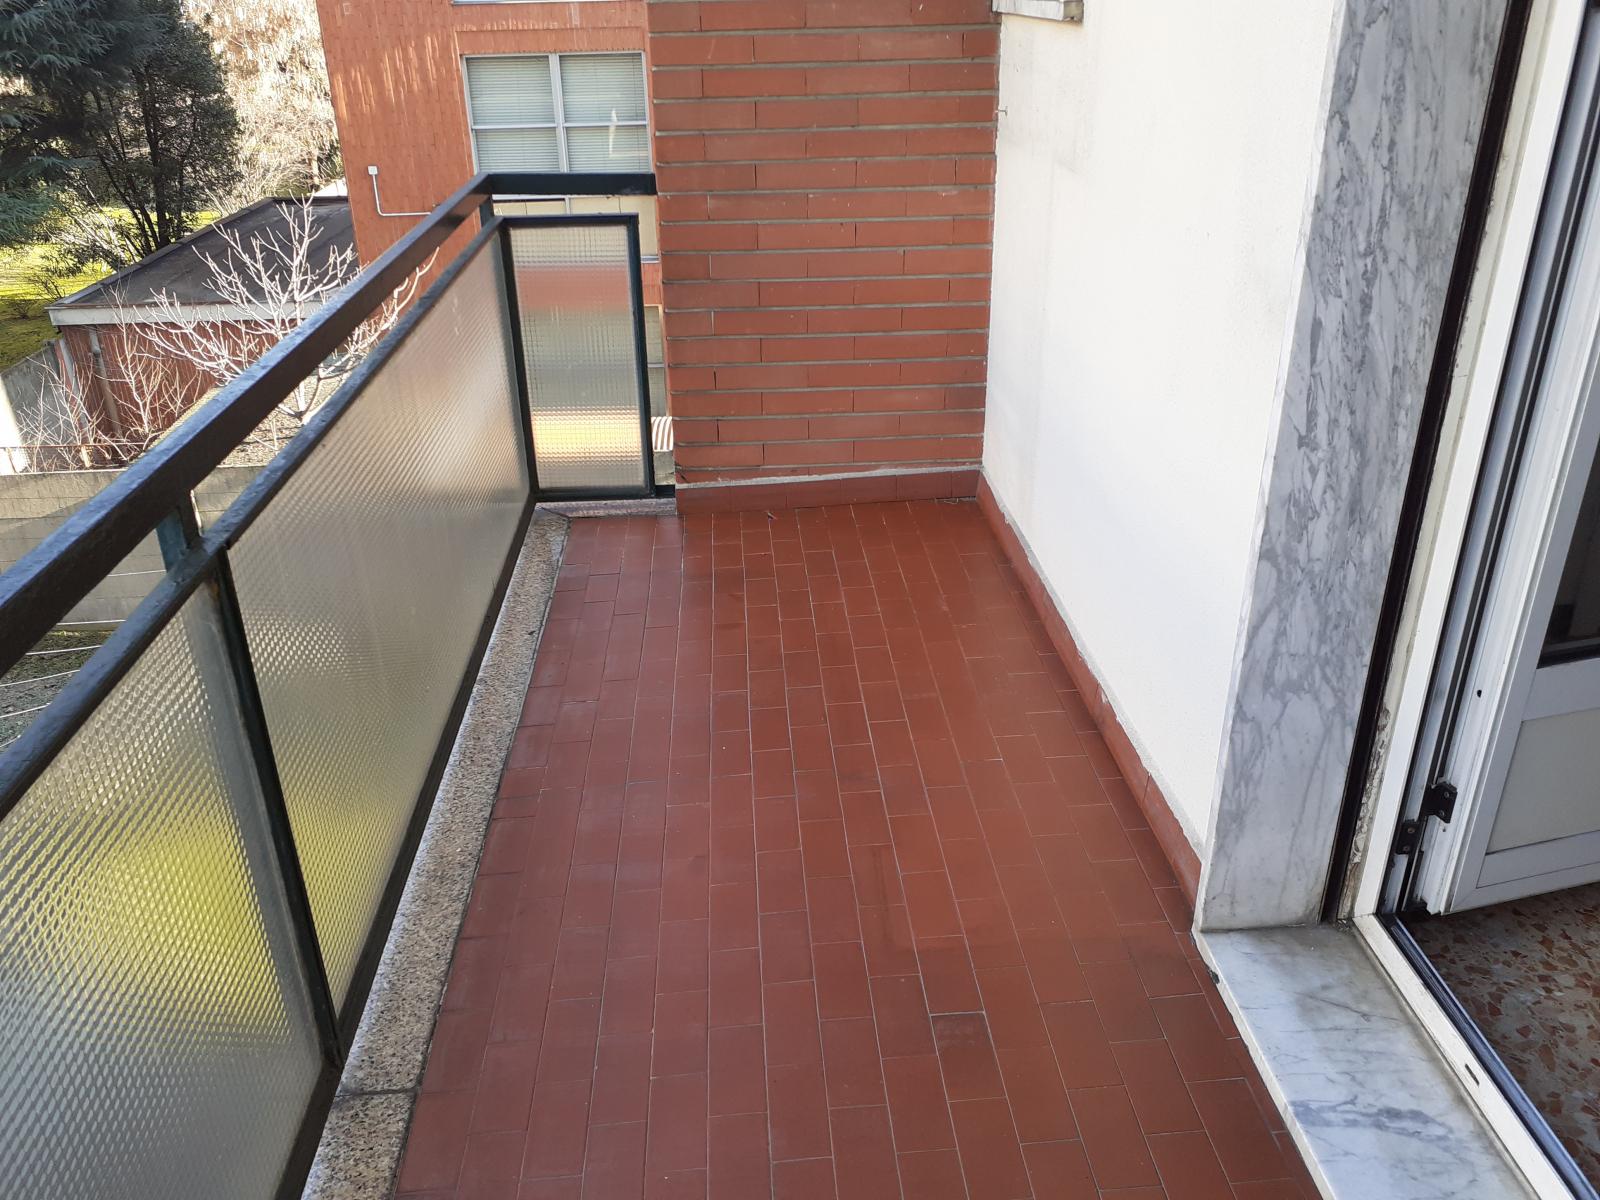 appartamento-in-vendita-a-milano-baggio-via-bagarotti-spaziourbano-immobiliare-vende-2-locali-1